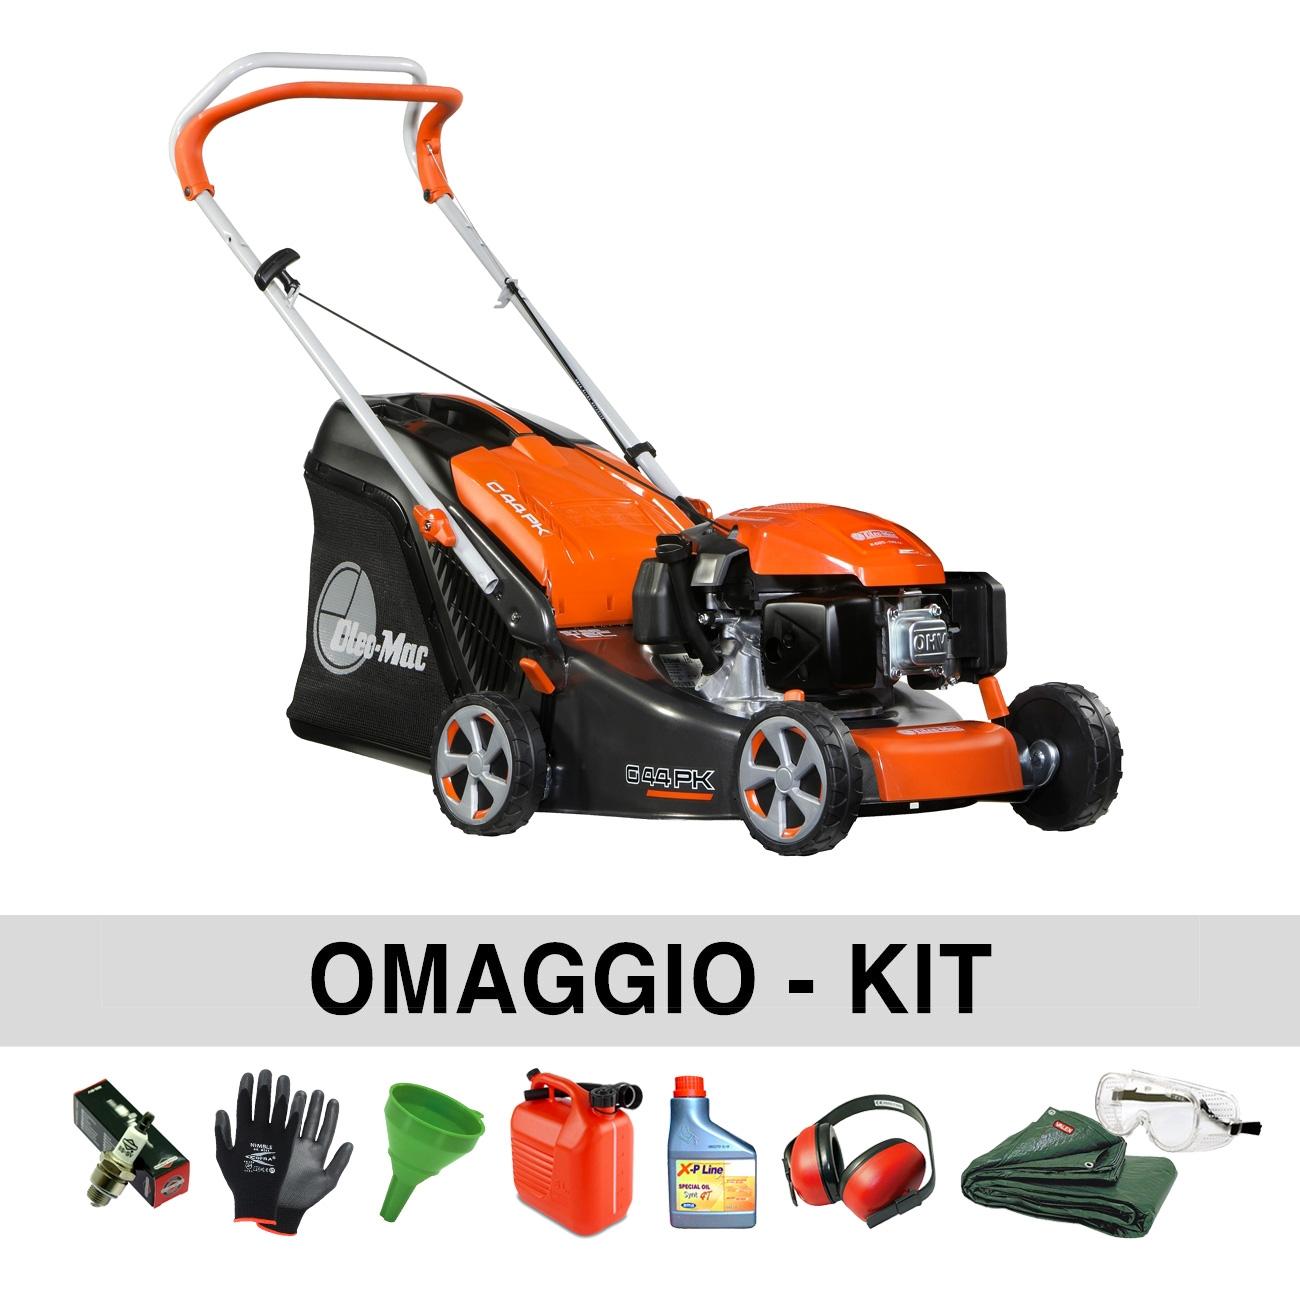 Image of Tagliaerba a scoppio OleoMac G 44 PK Comfort Plus